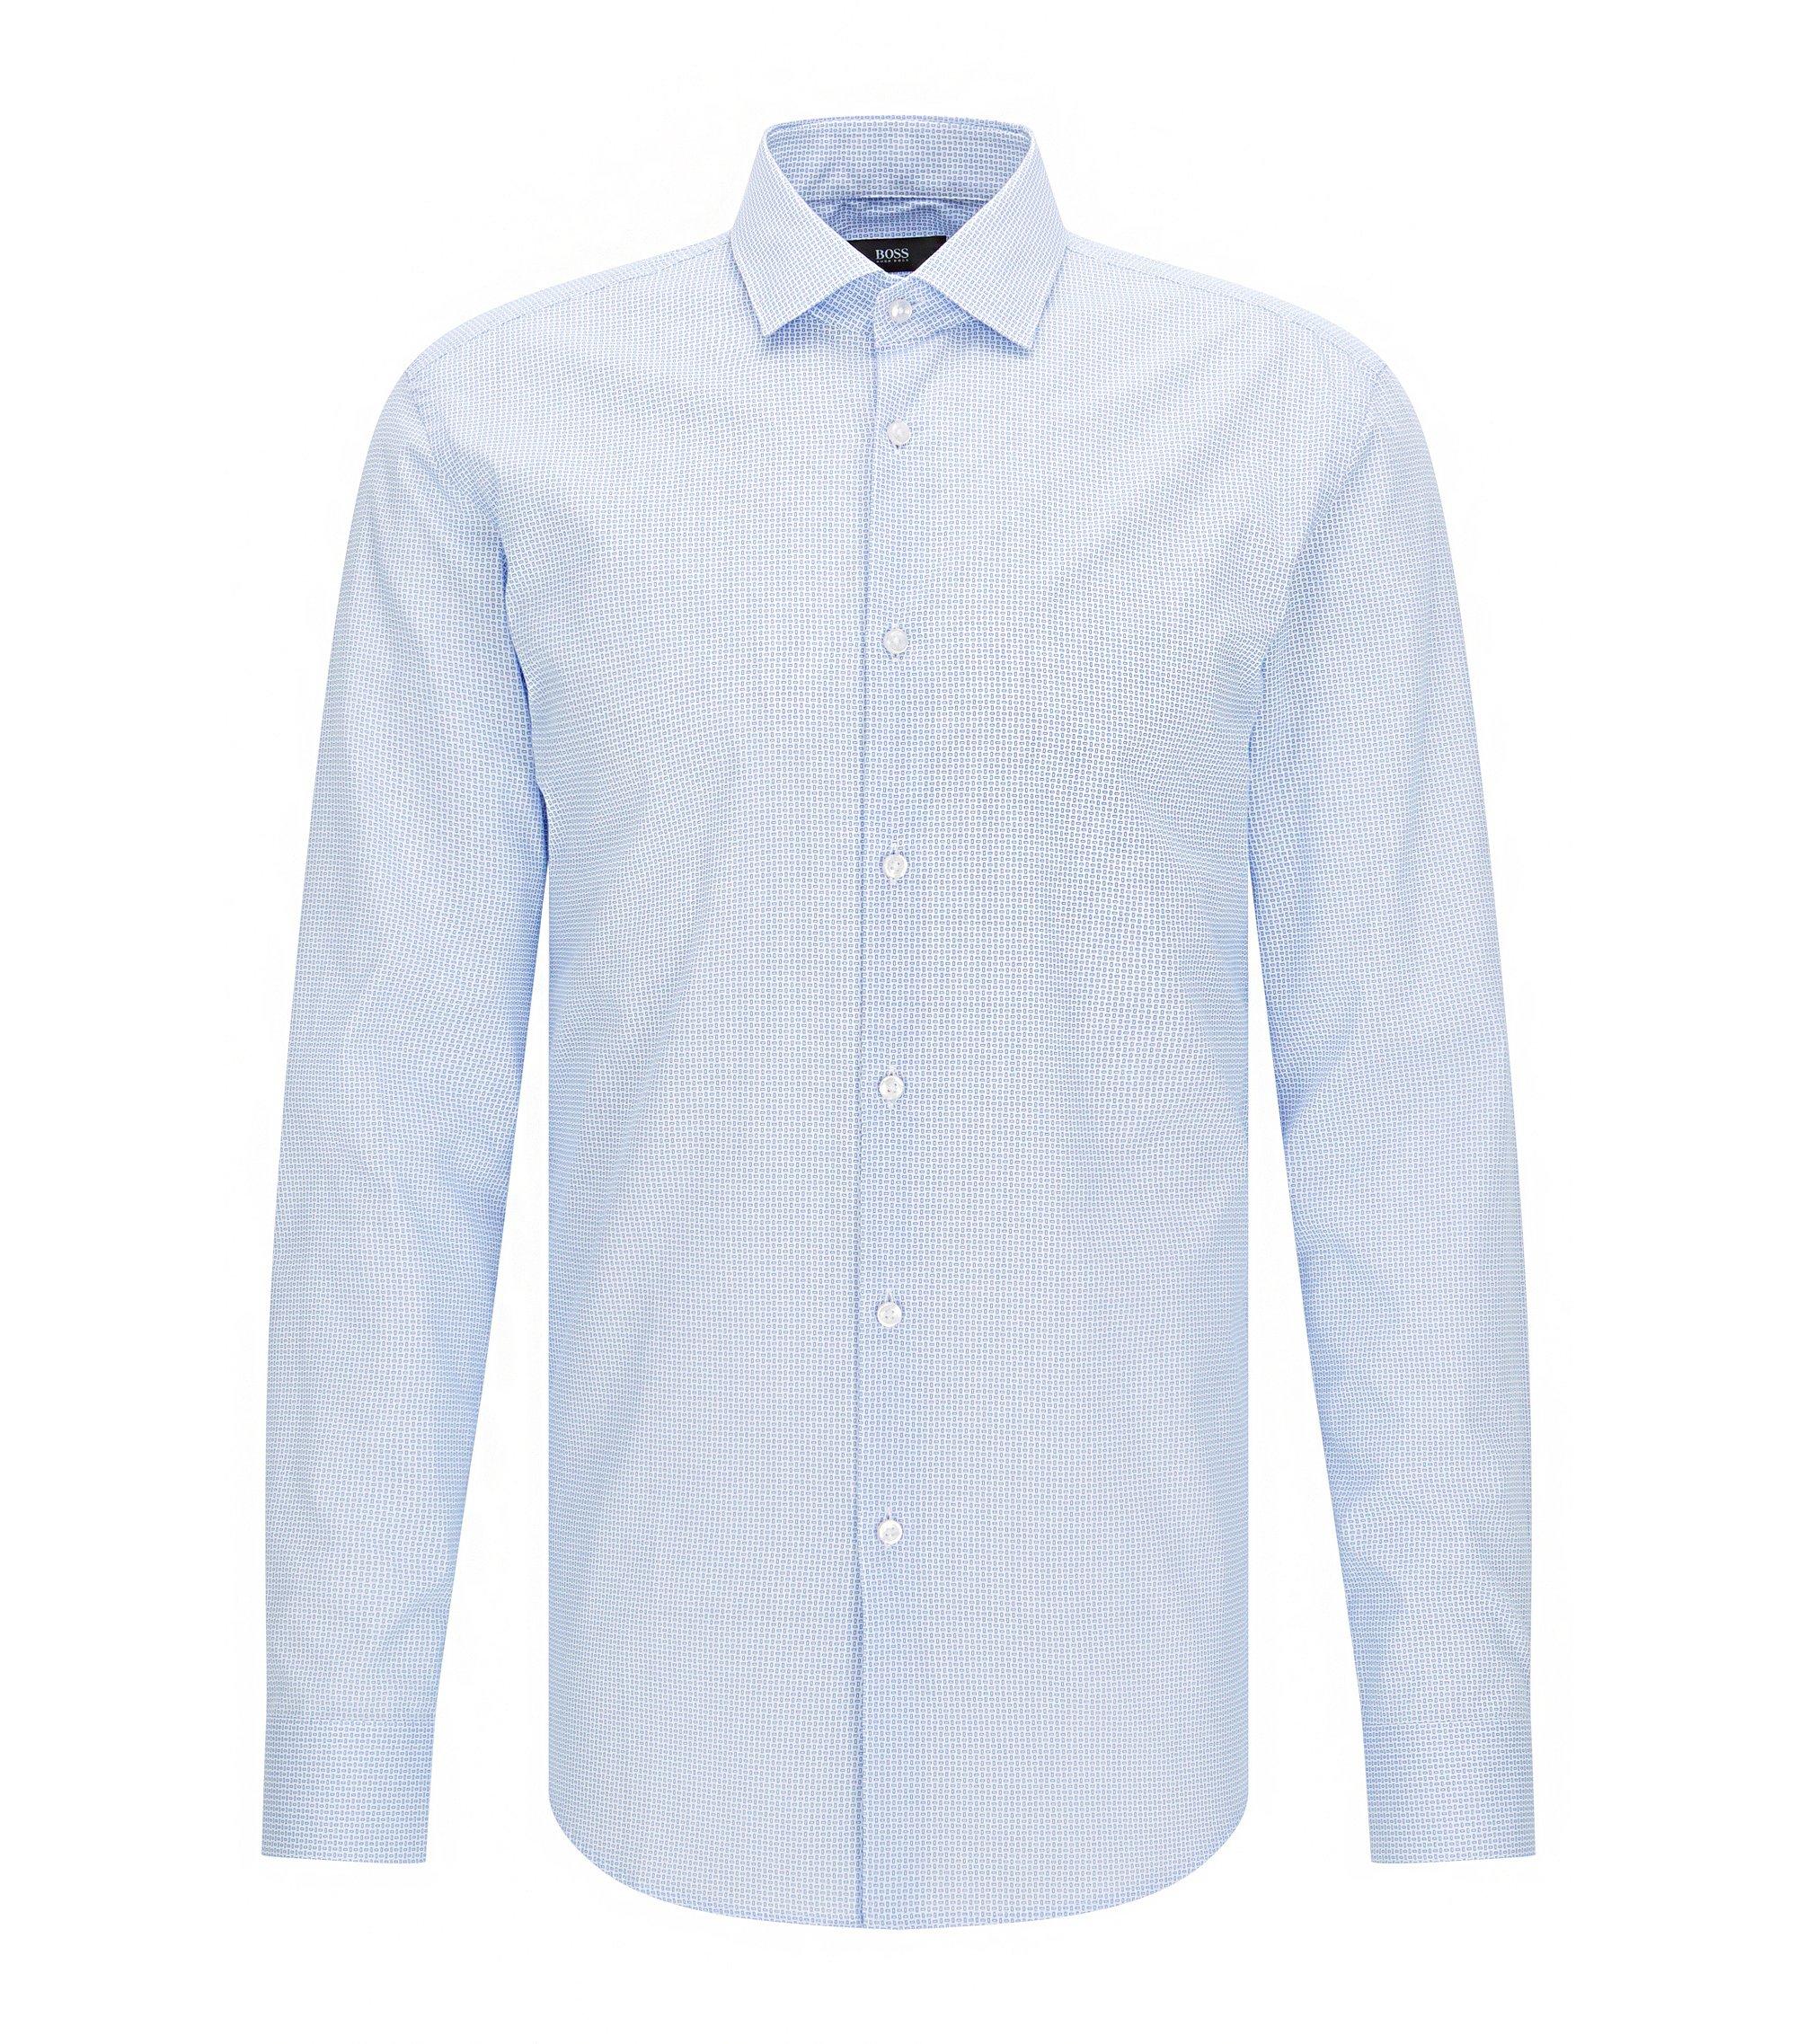 Gemustertes Slim-Fit Hemd aus Baumwoll-Popeline, Hellblau